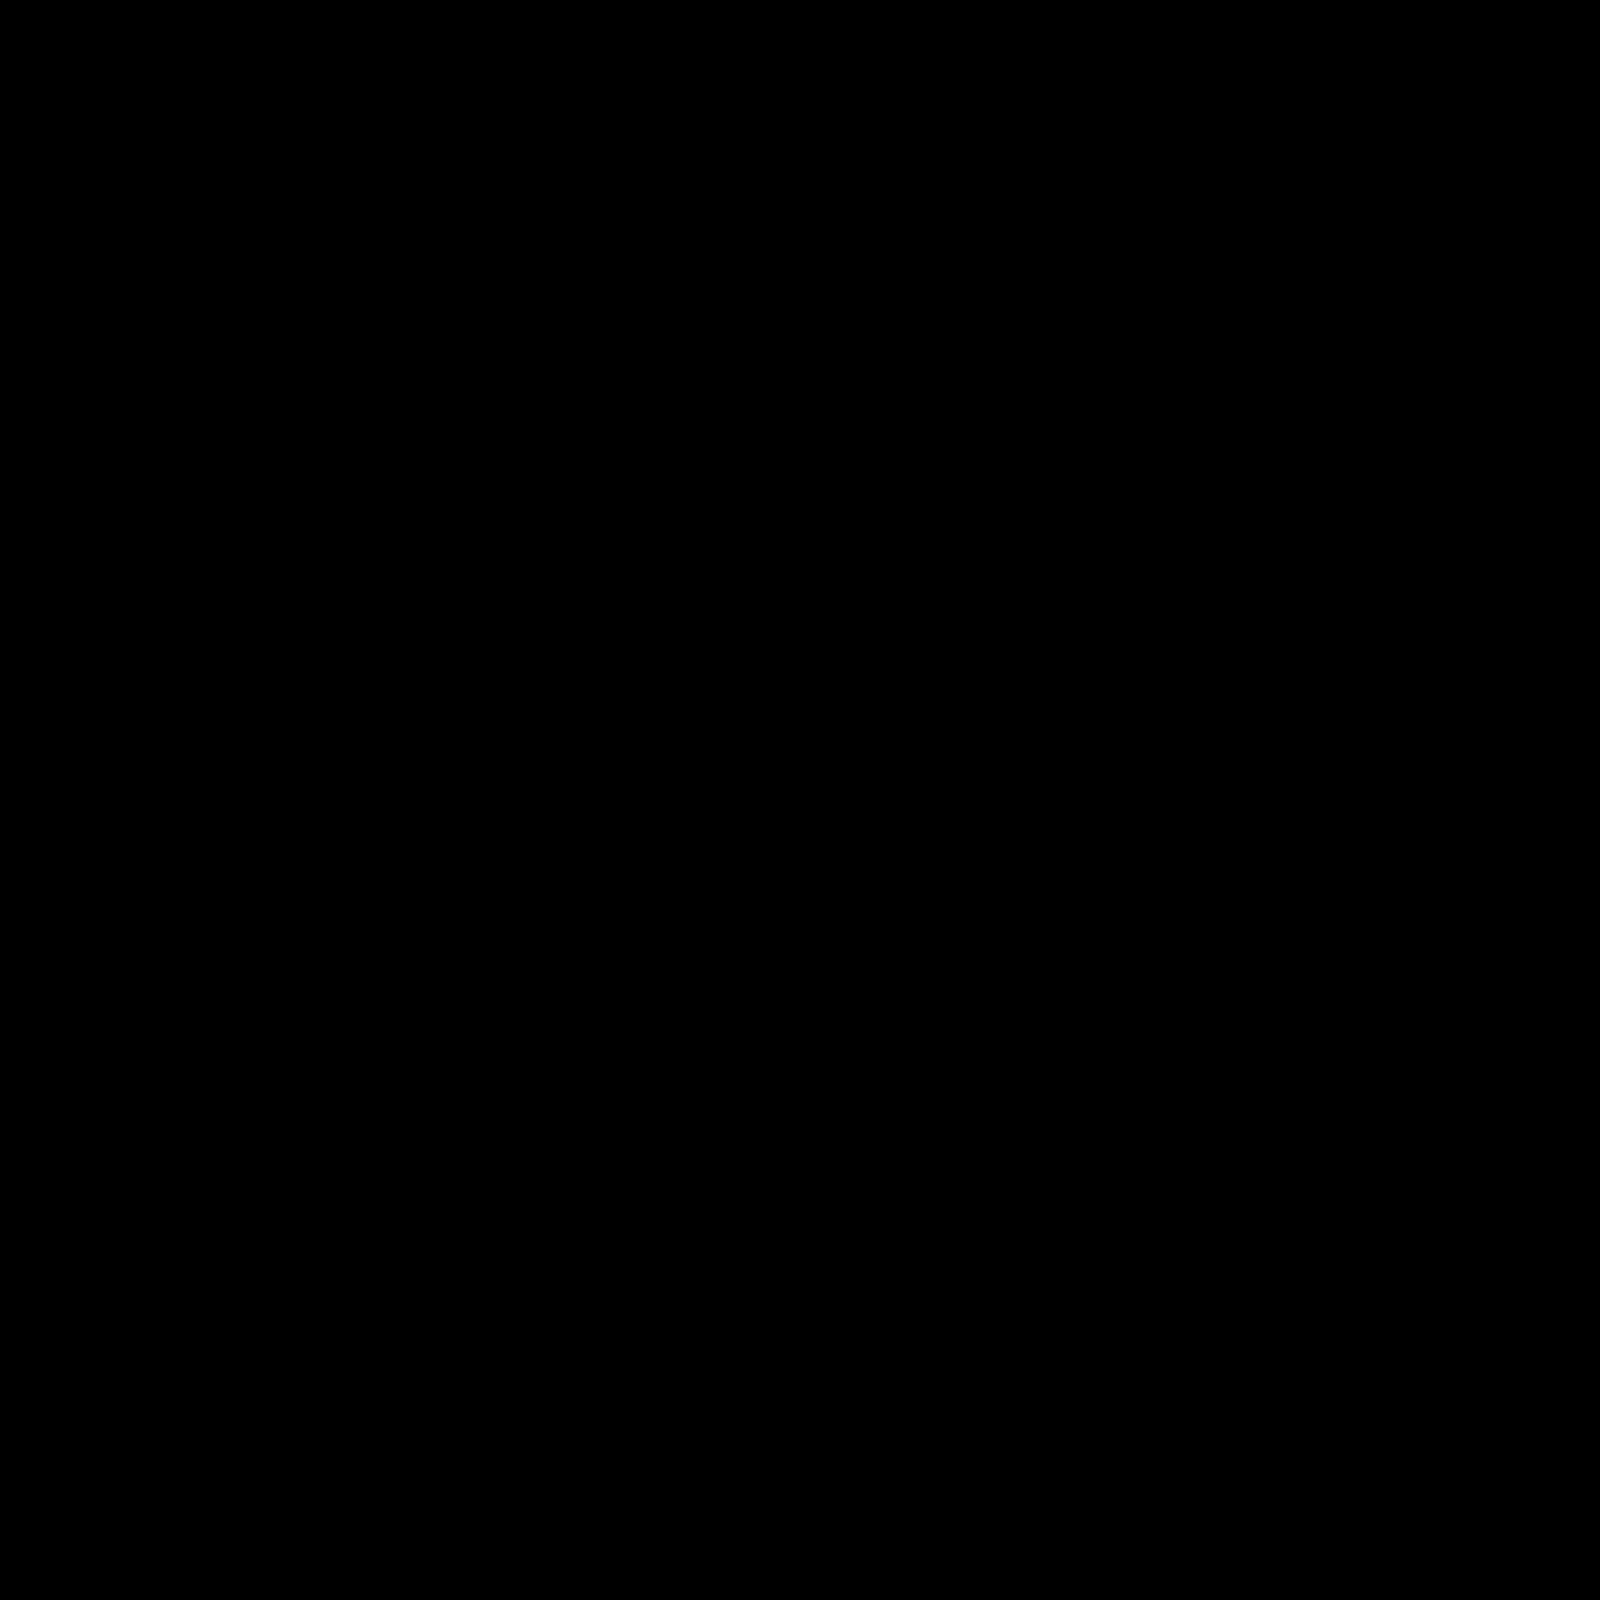 Anillo de natación icon